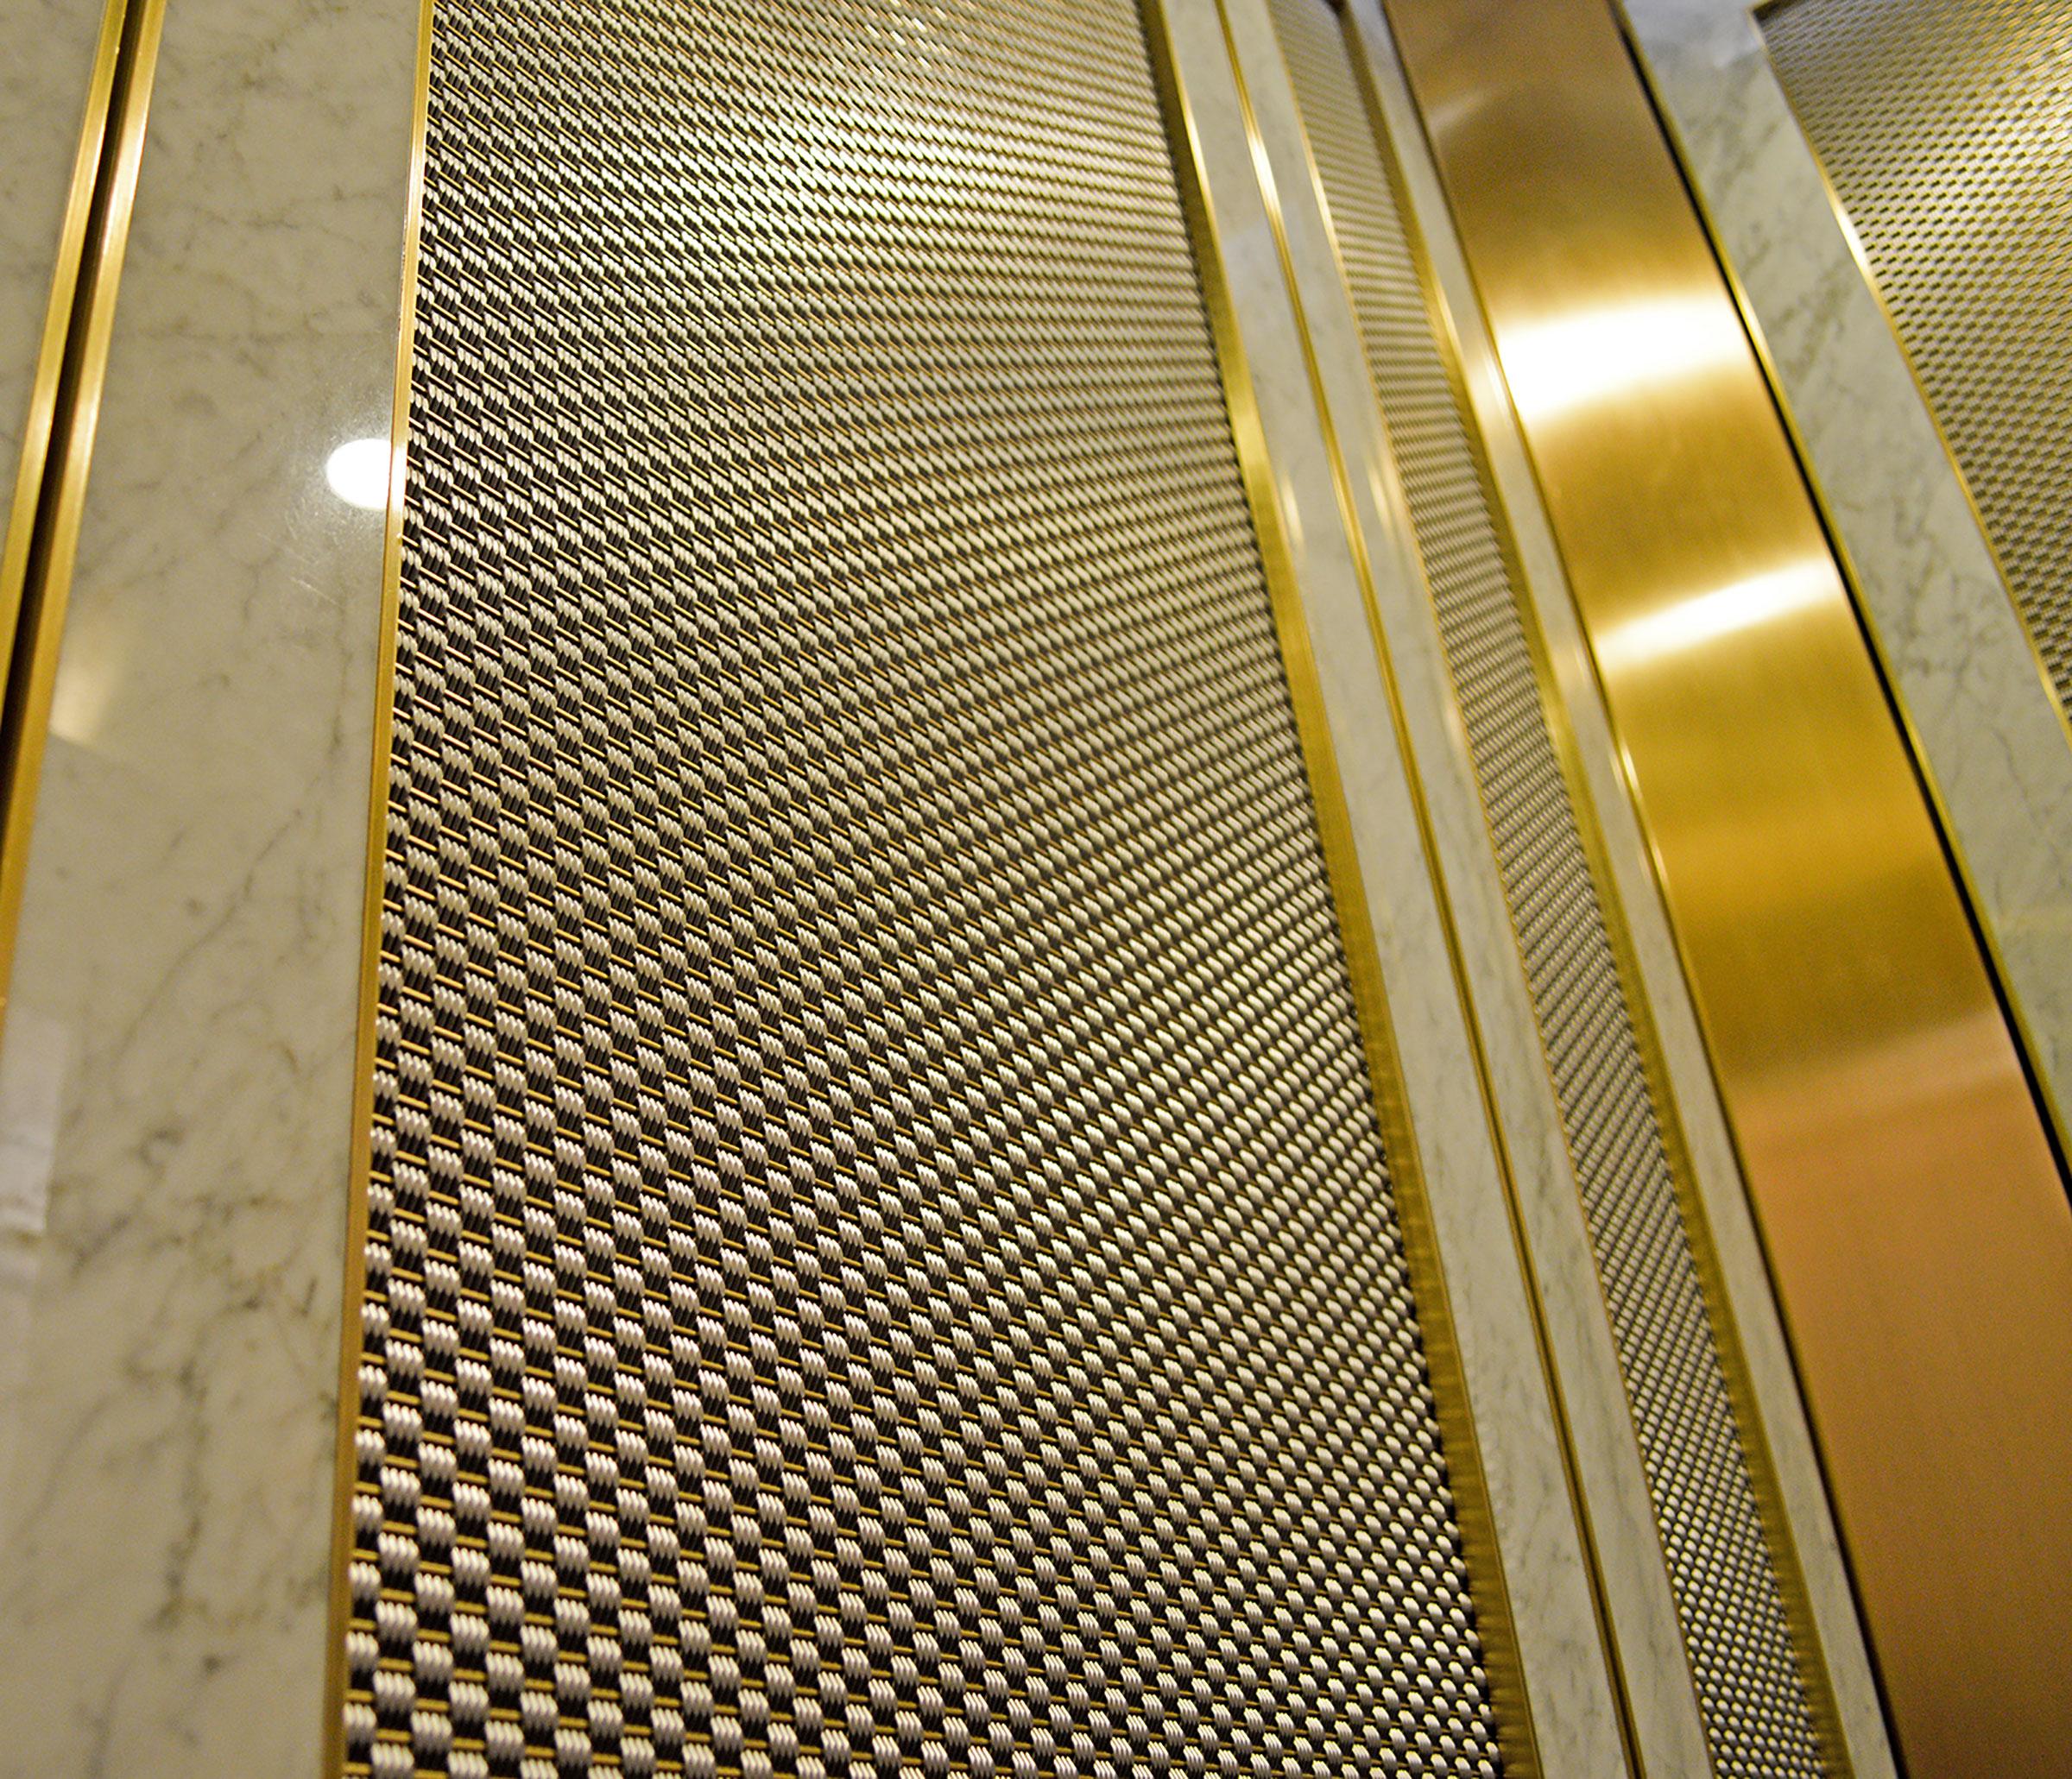 79 5th Avenue New York Decorative Wire Mesh Project